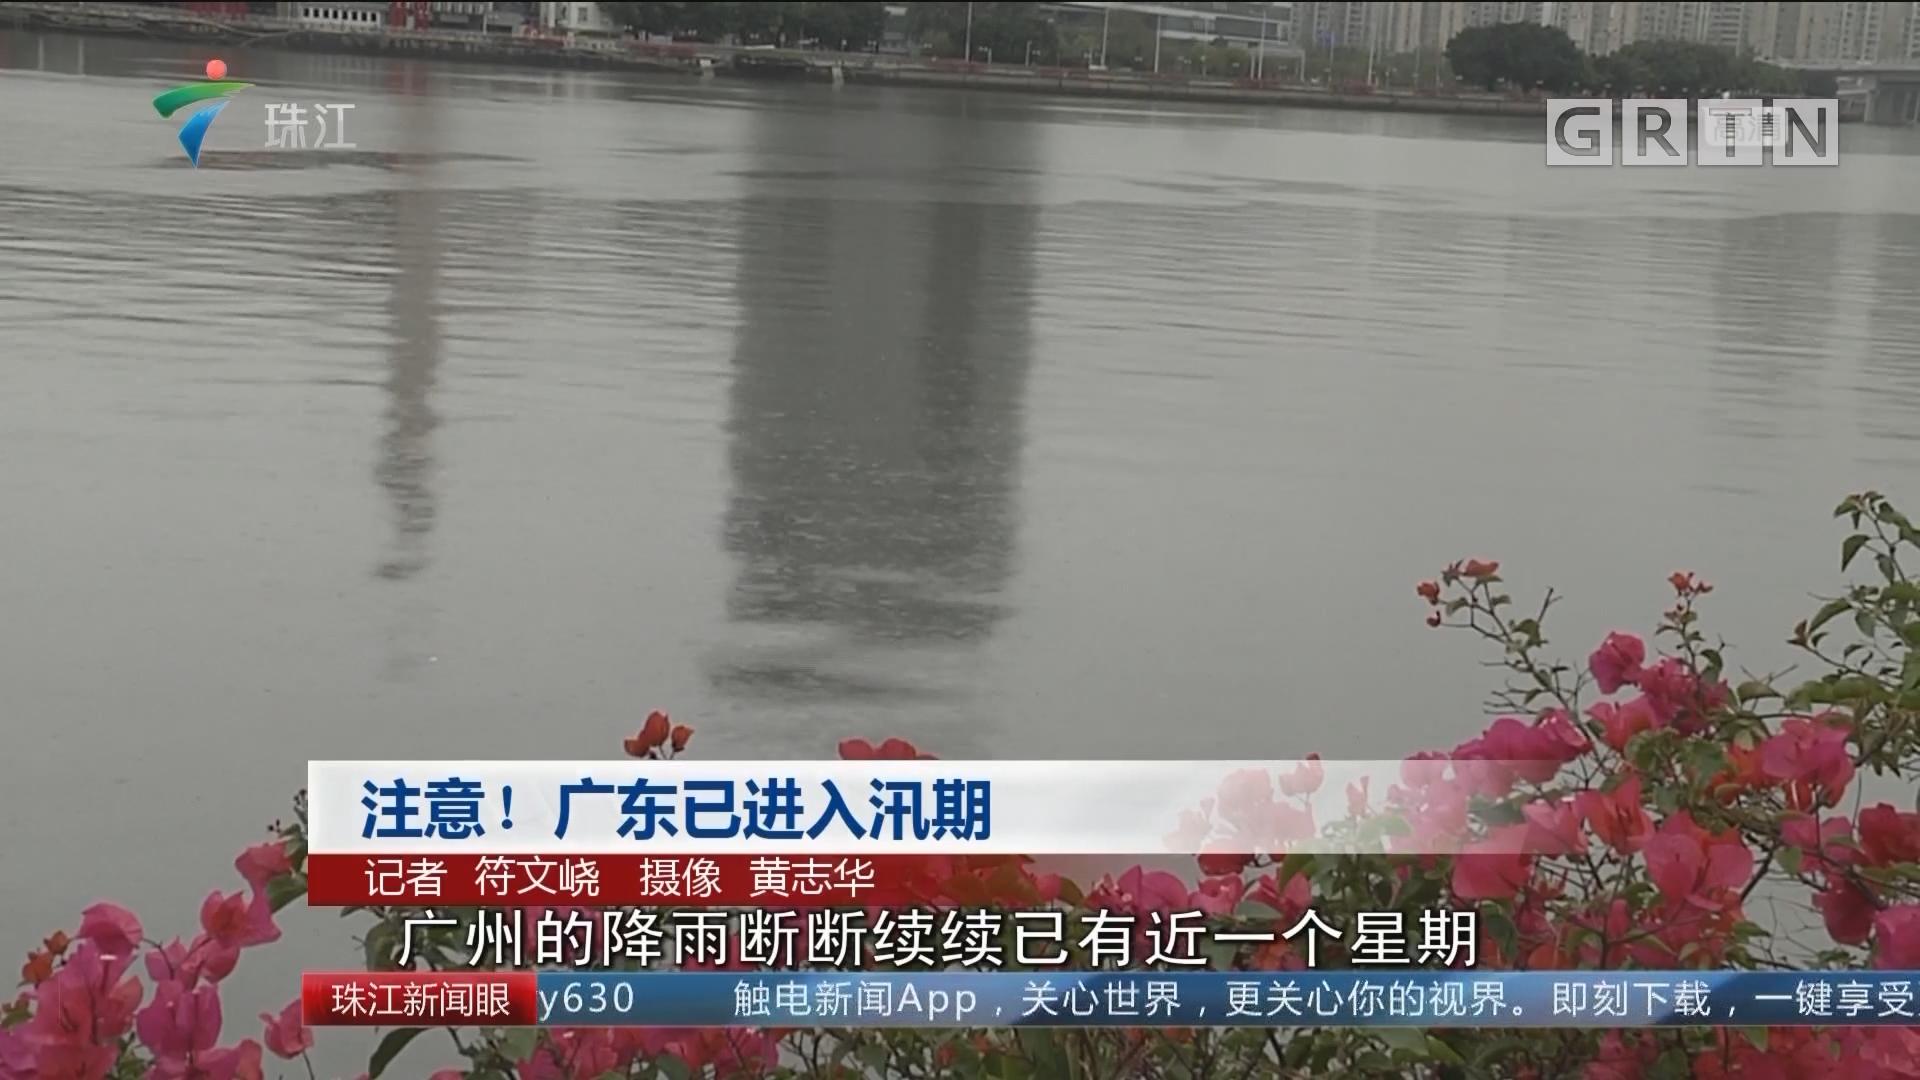 注意!广东已进入汛期